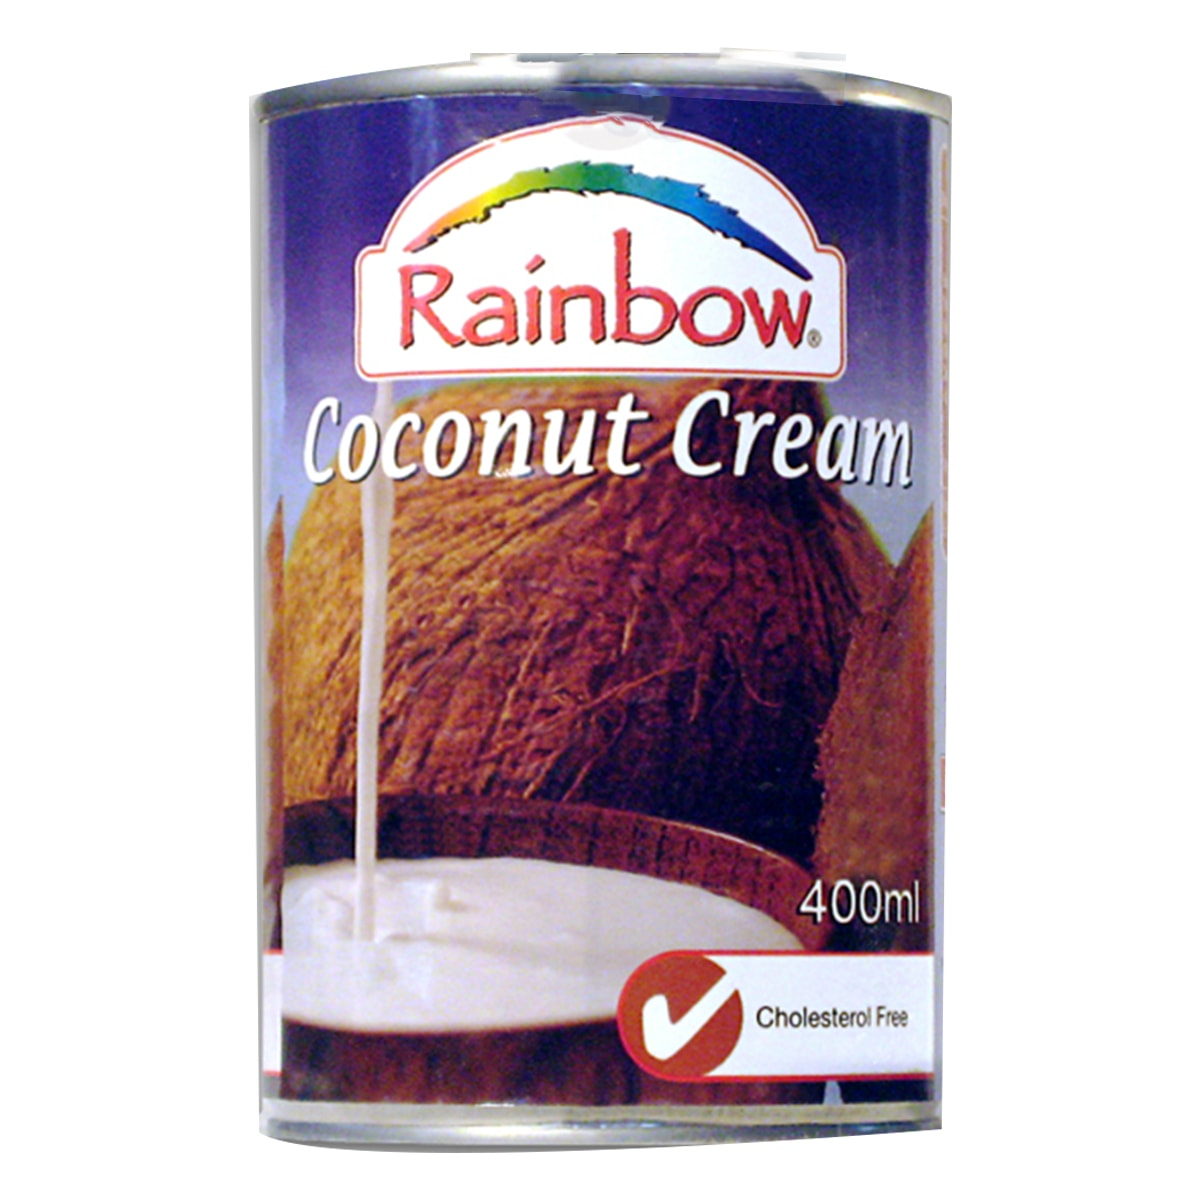 Buy Rainbow Coconut Cream - 400 ml